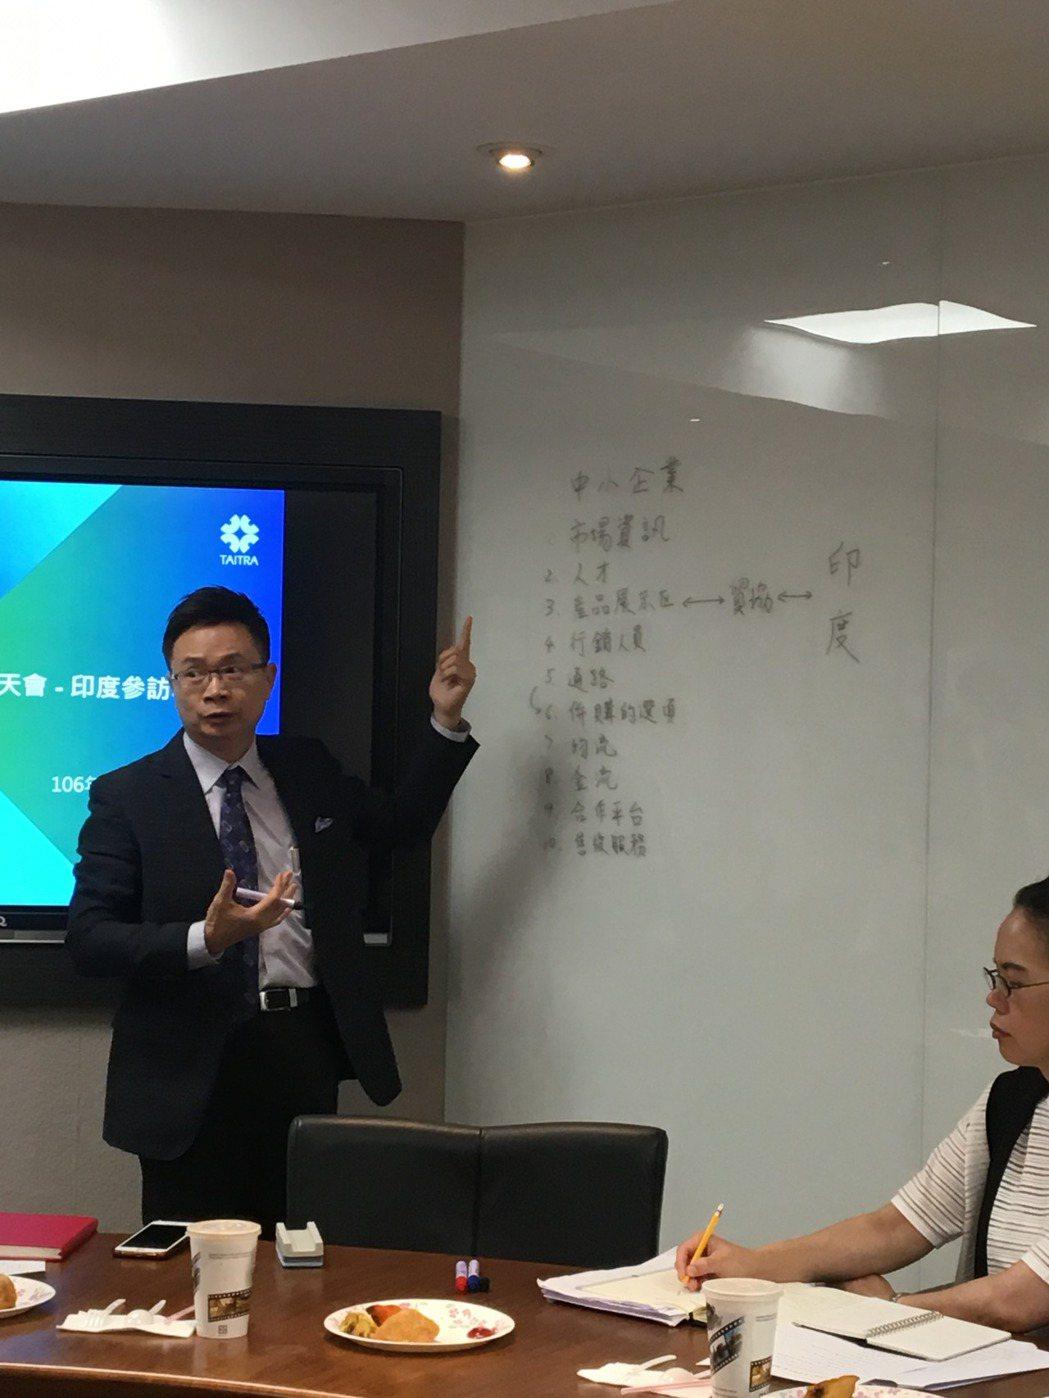 貿協董事長黃志芳今天分享對印度市場的看法與拓銷策略。記者高詩琴/攝影